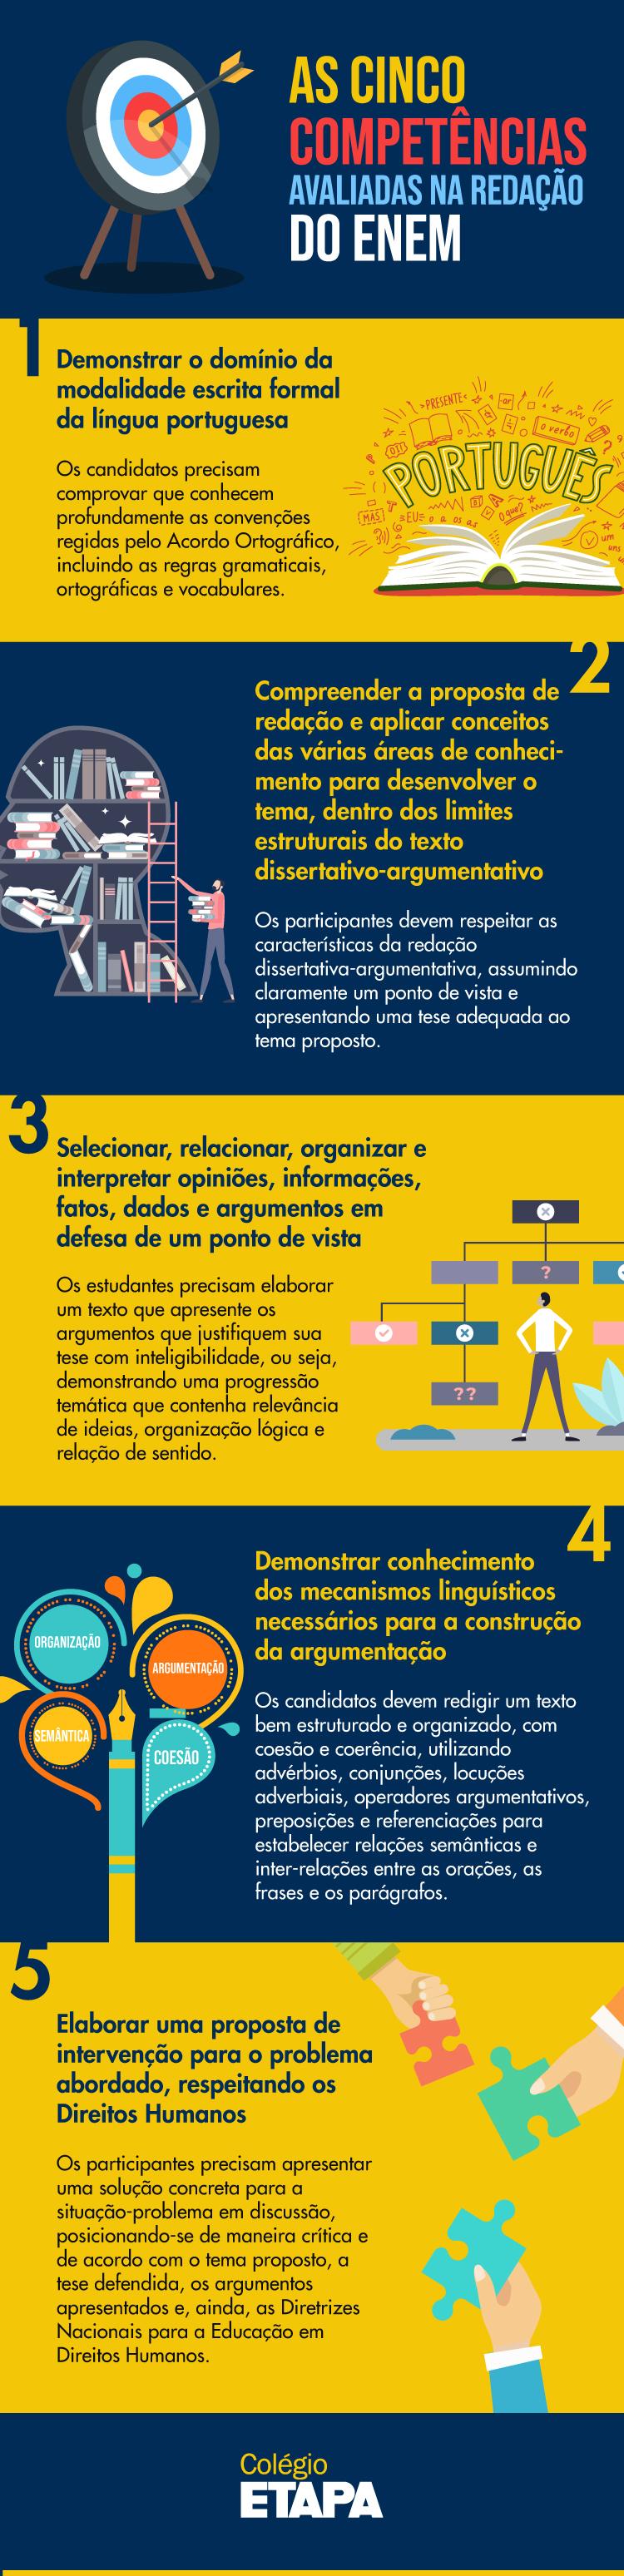 Como fazer uma boa redação no Enem: entenda quais são as cinco competências avaliadas pela banca examinadora